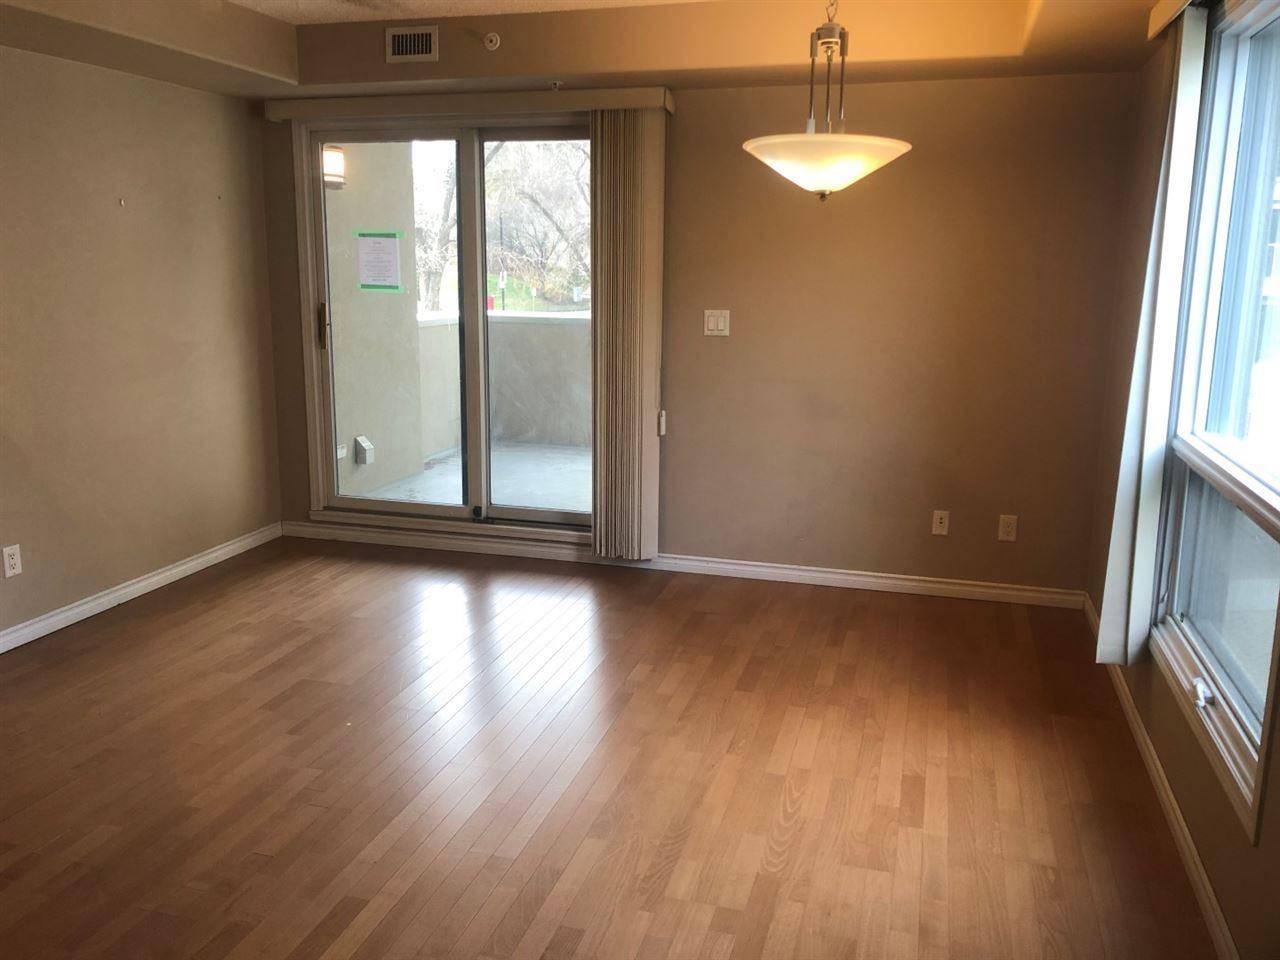 Condo for sale at 9707 106 St Nw Unit 207 Edmonton Alberta - MLS: E4179635